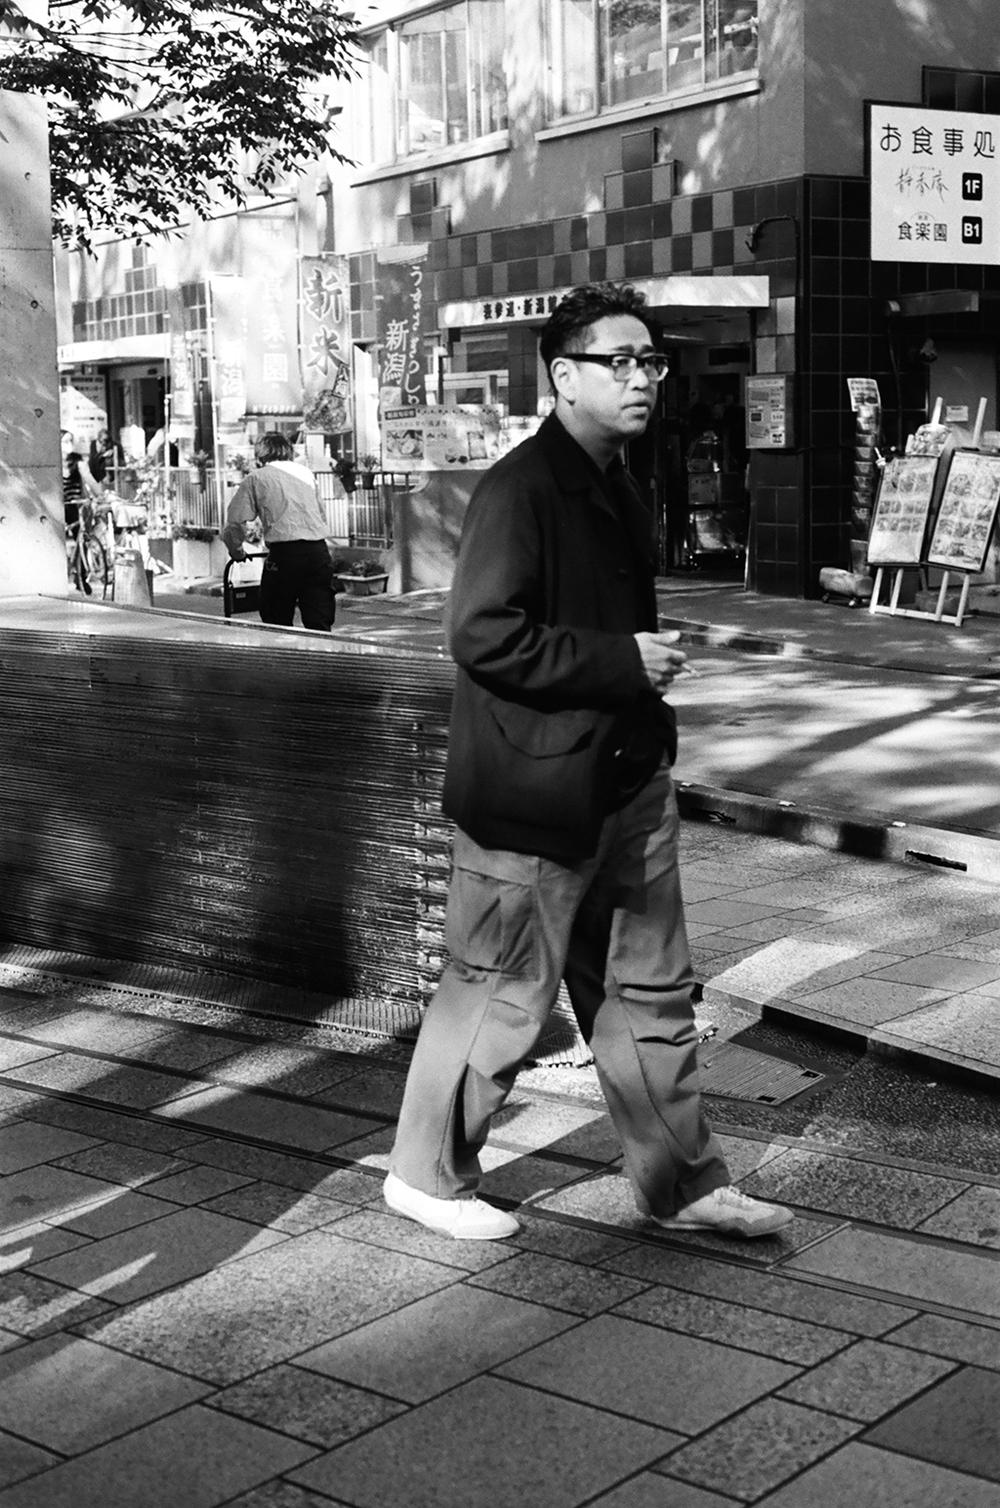 Japan_Nov_2015_06470011.jpg